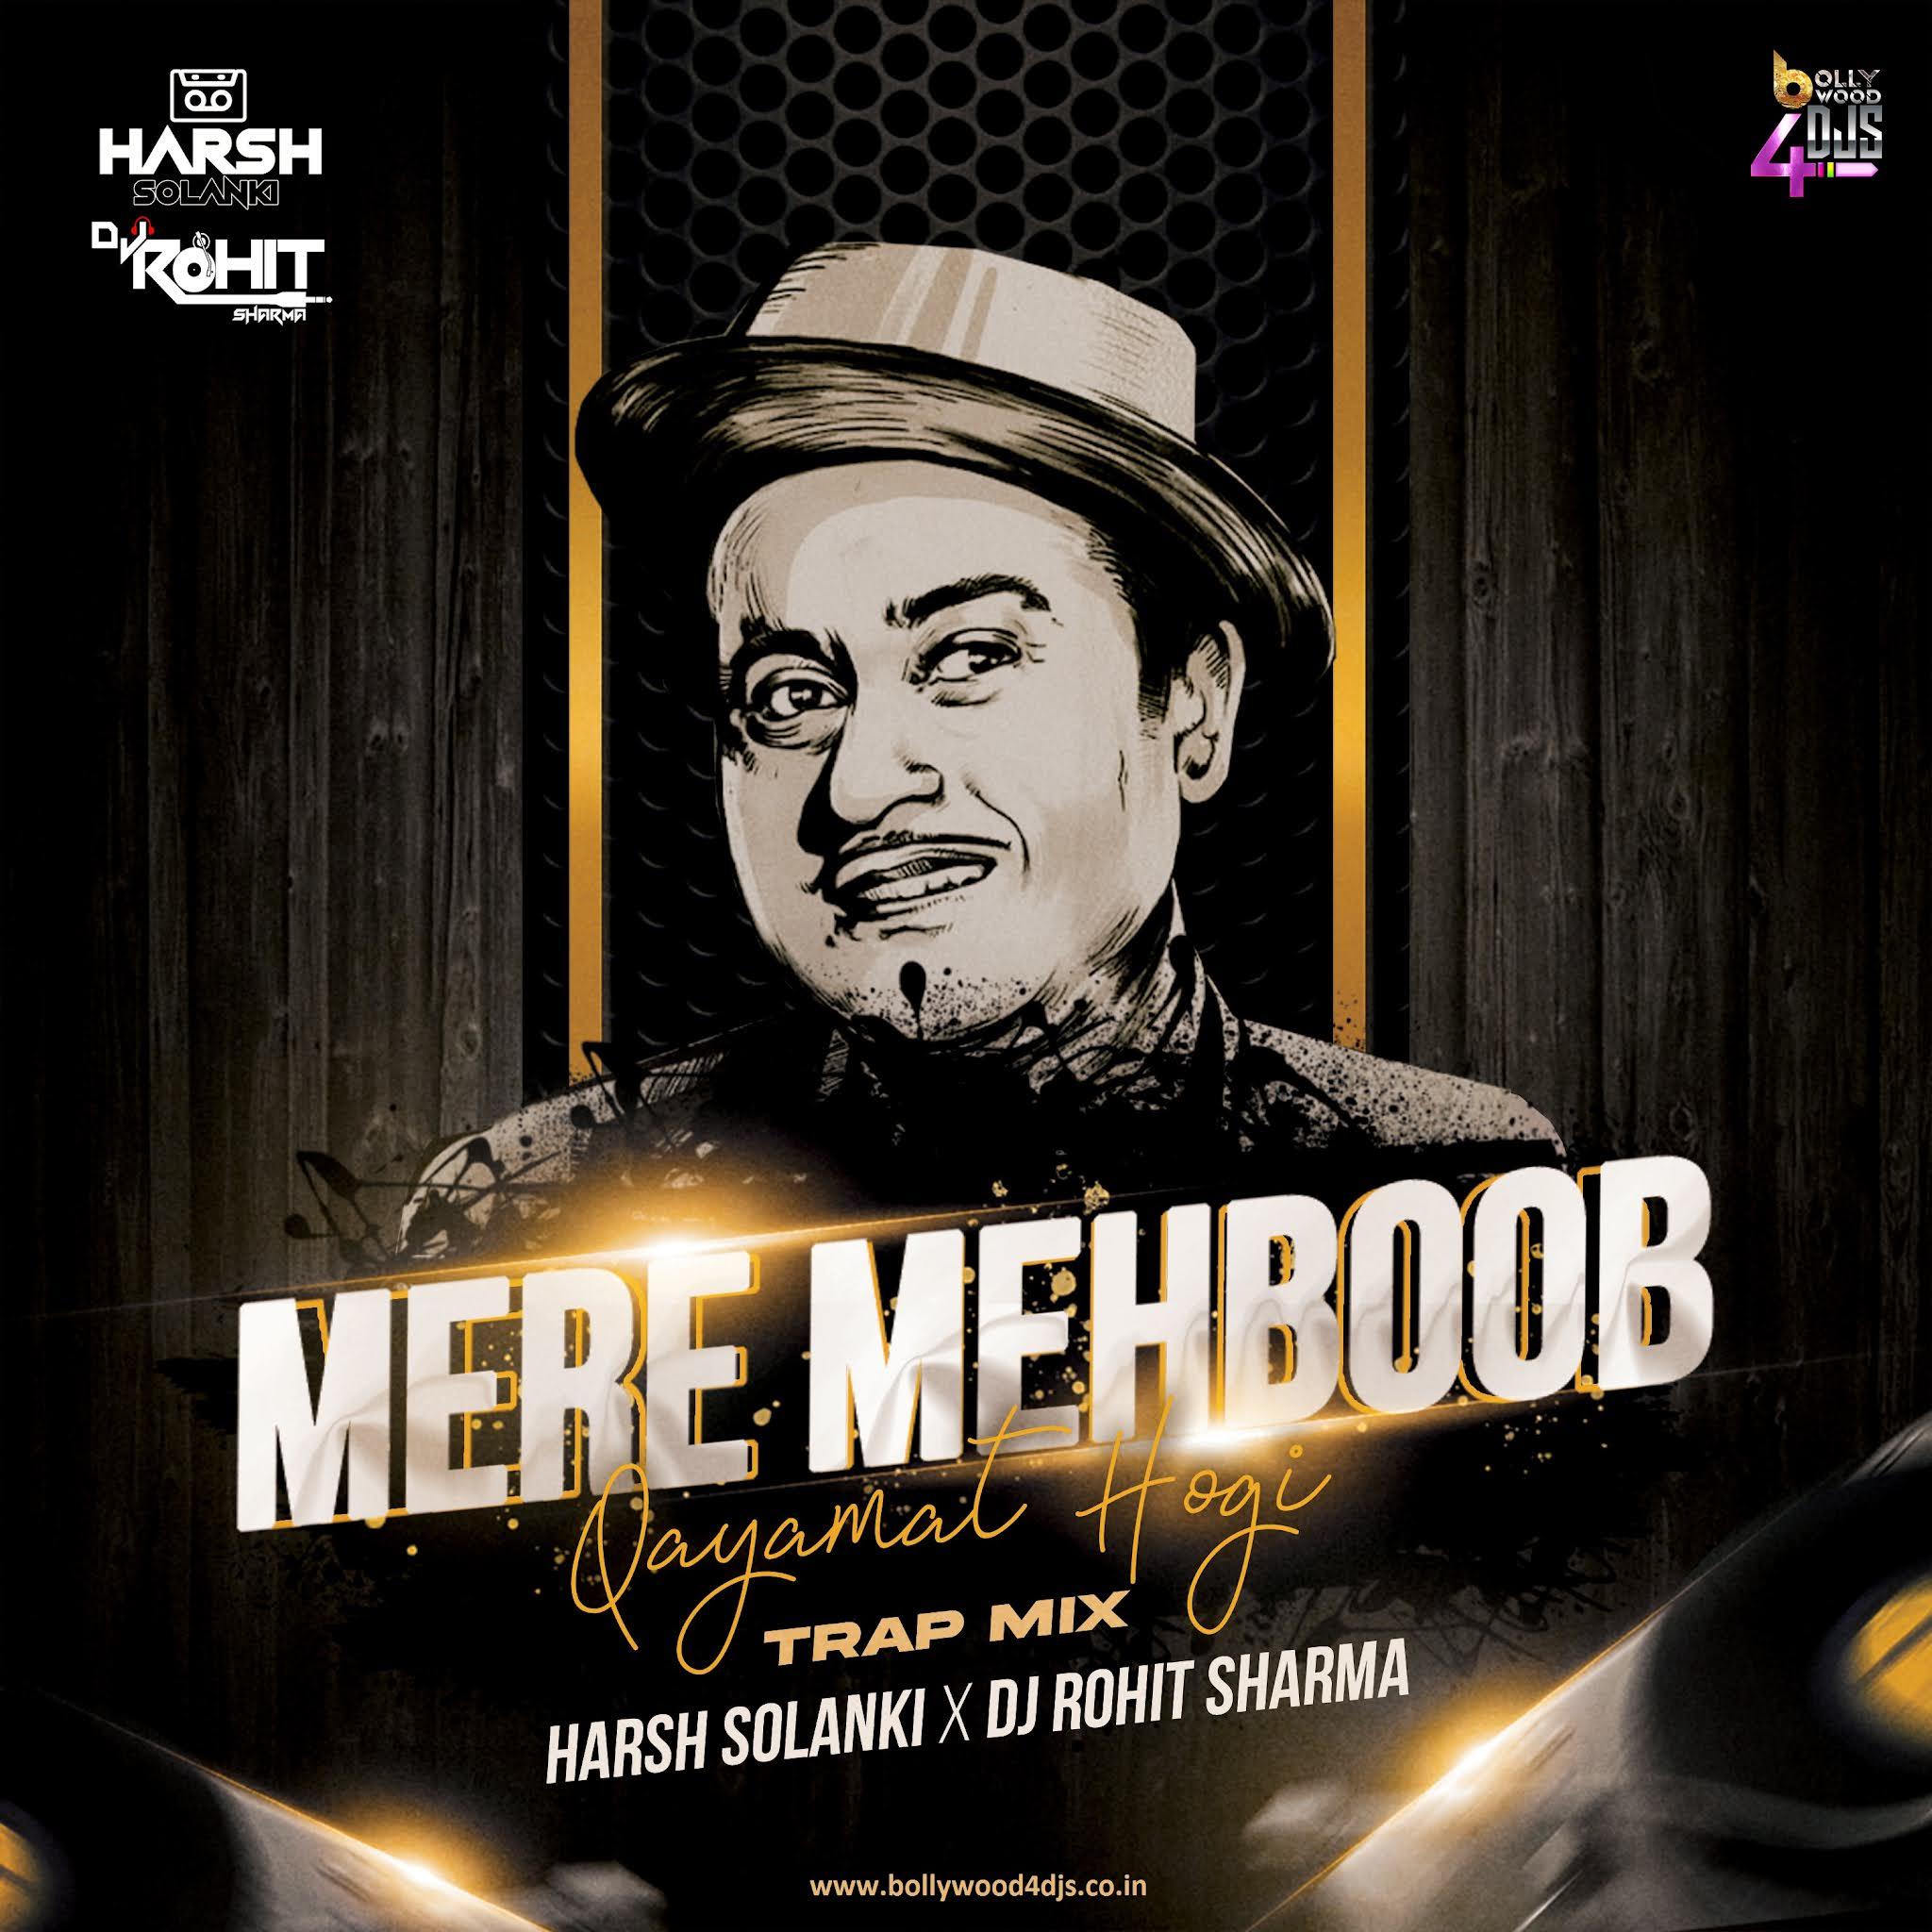 Mere Mehboob Qayamat Hogi (Trap) Harsh Solanki X Dj Rohit Sharma